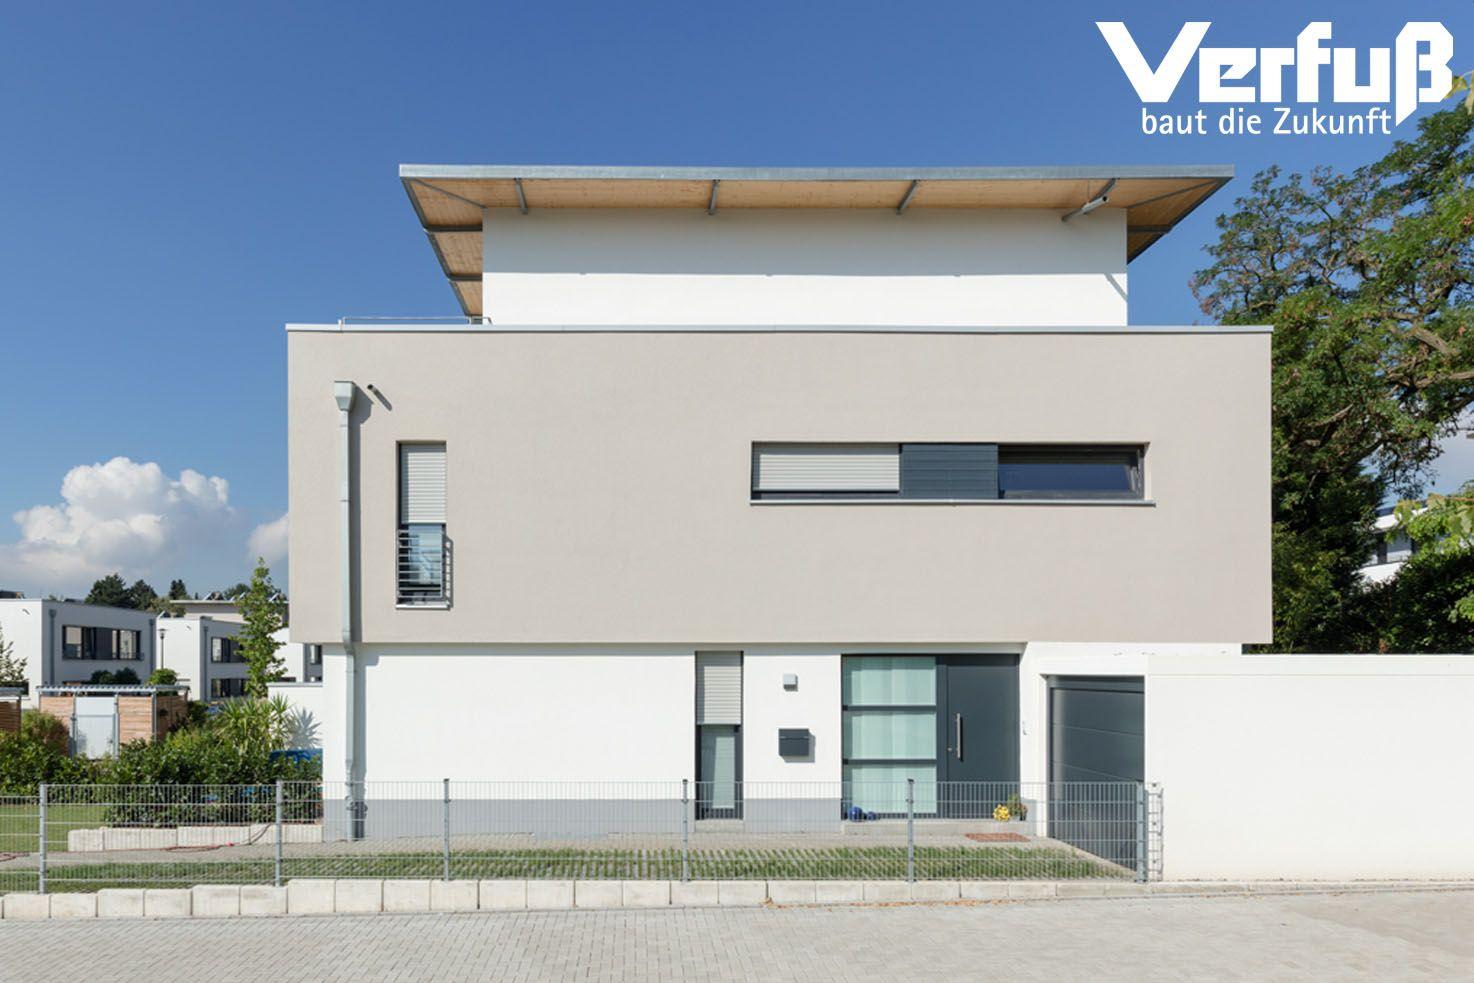 Einfamilienhaus Modern einfamilienhaus bauhausstil in köln moderne architektur